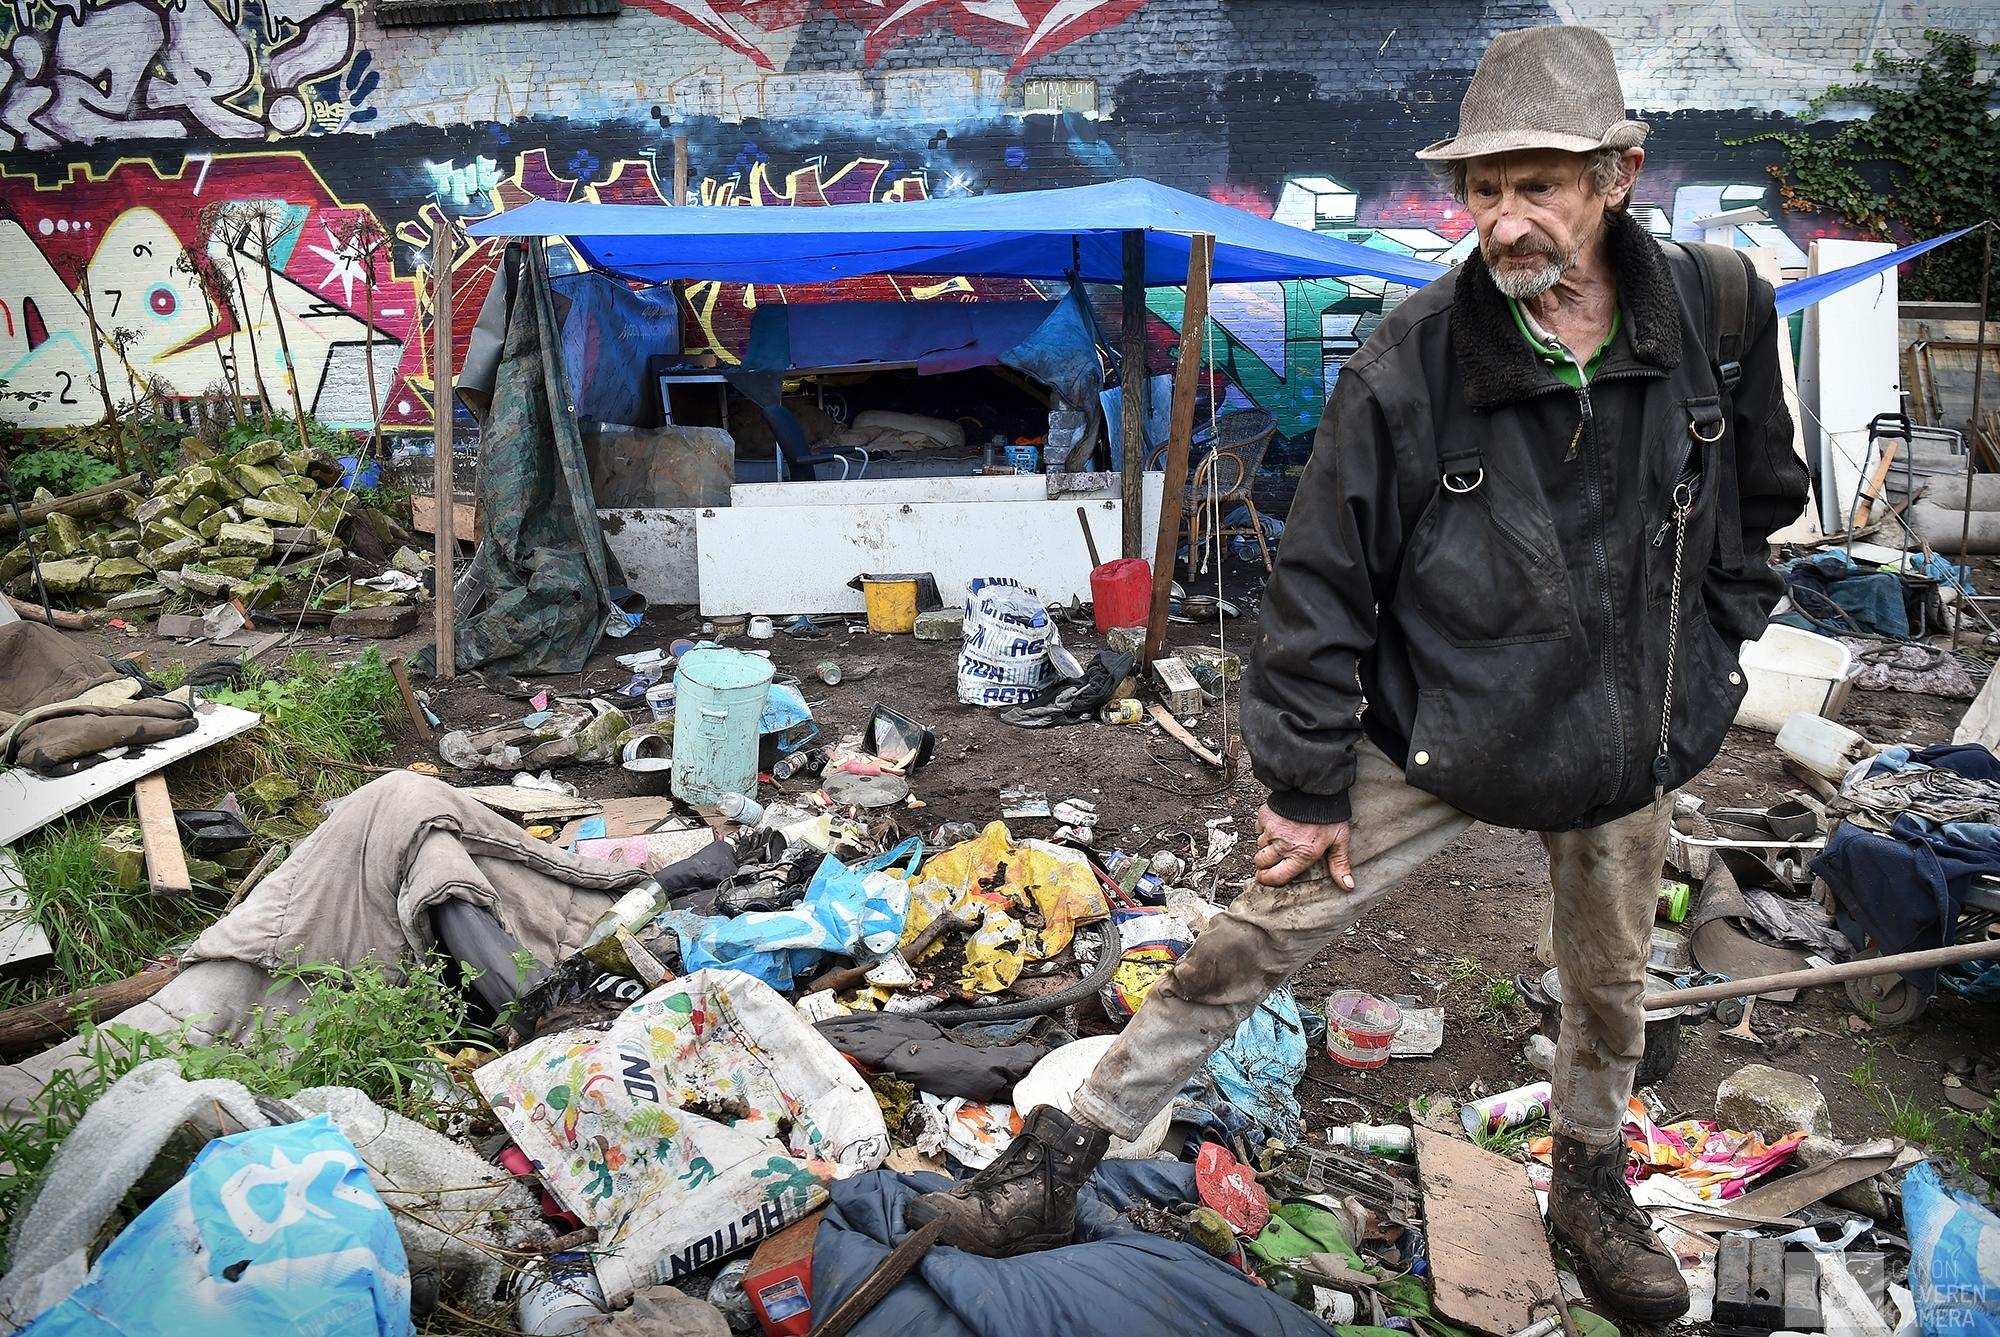 2-10-2017 Nijmegen j (selectie 12 uit 18)Onze voortuin dat zijn wij. de dakloze